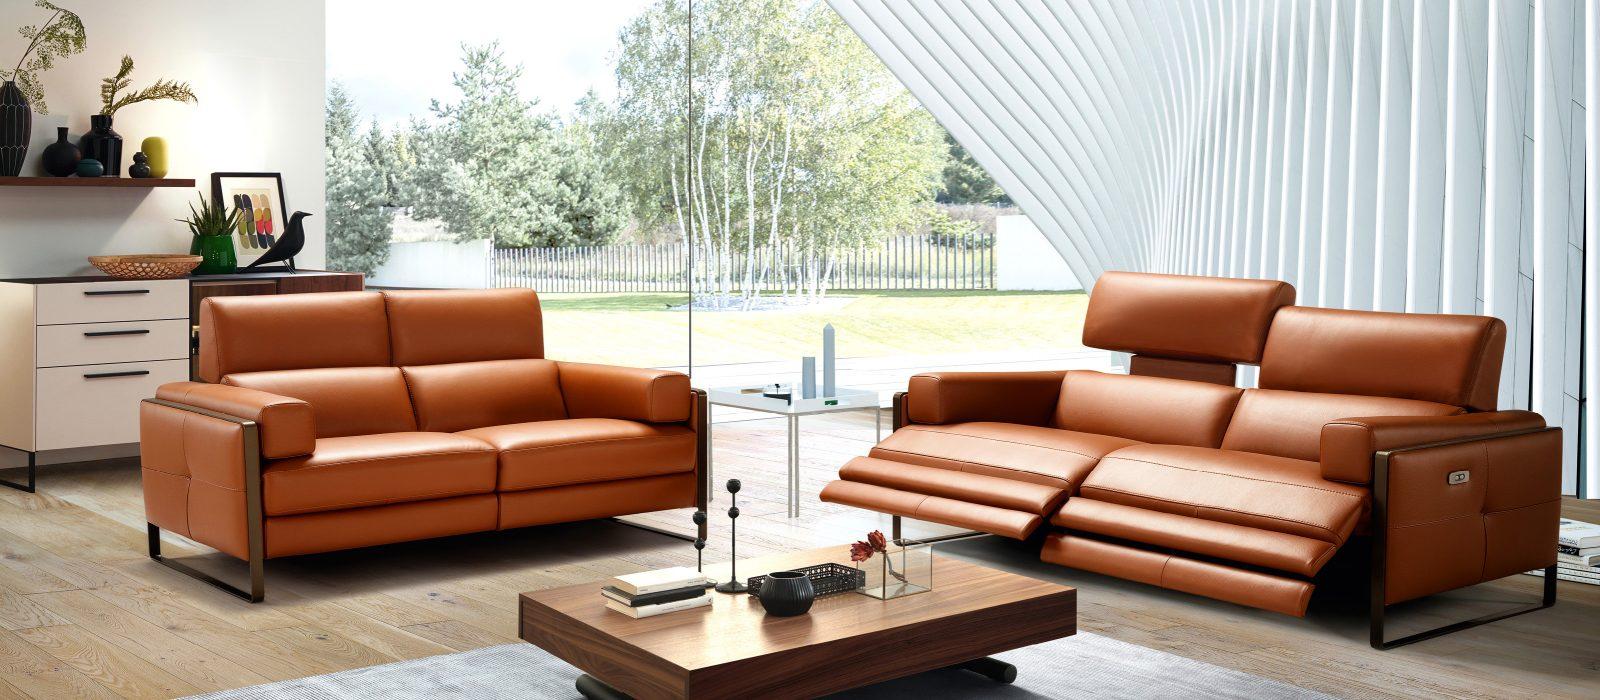 Story, mobilier contemporain et tendance, salons, séjours ...